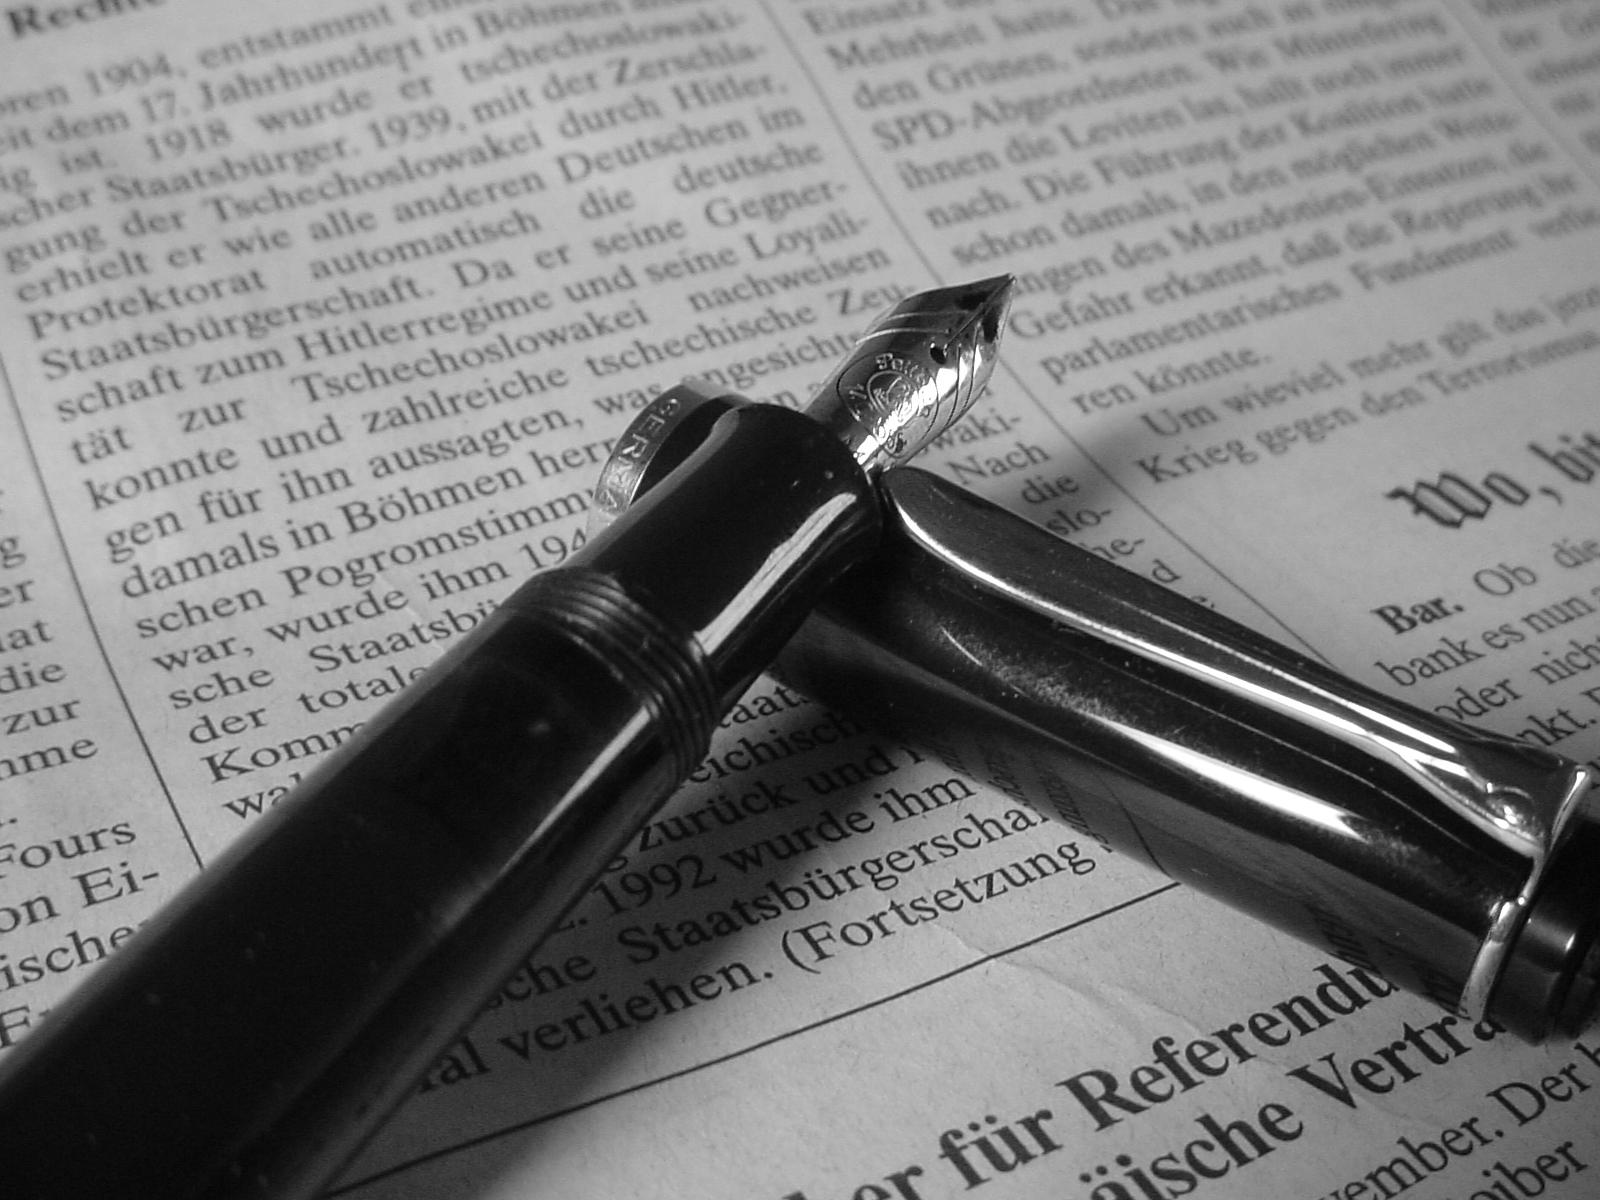 IfG-Presseservice: Hochwertiger und kostenfreier Gesundheitscontent für Medien und Journalisten